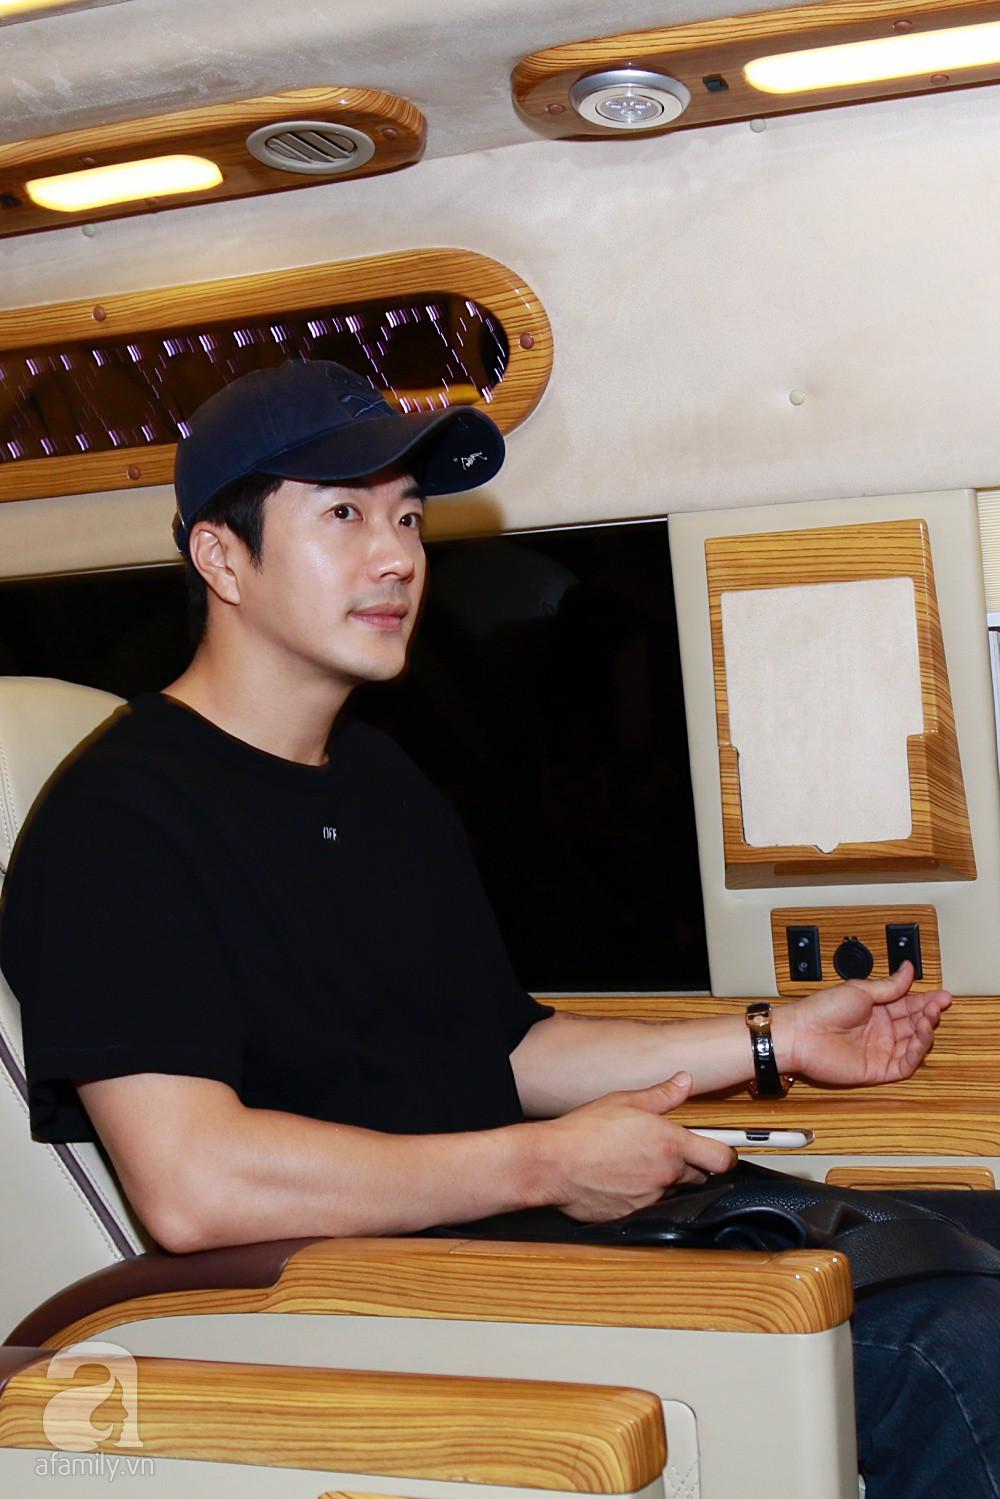 Chỉ diện quần jean áo phông đơn giản nhưng tài tử Kwon Sang Woo vẫn đẹp trai ngời ngời khi đáp chuyến bay muộn đến Việt Nam - Ảnh 17.